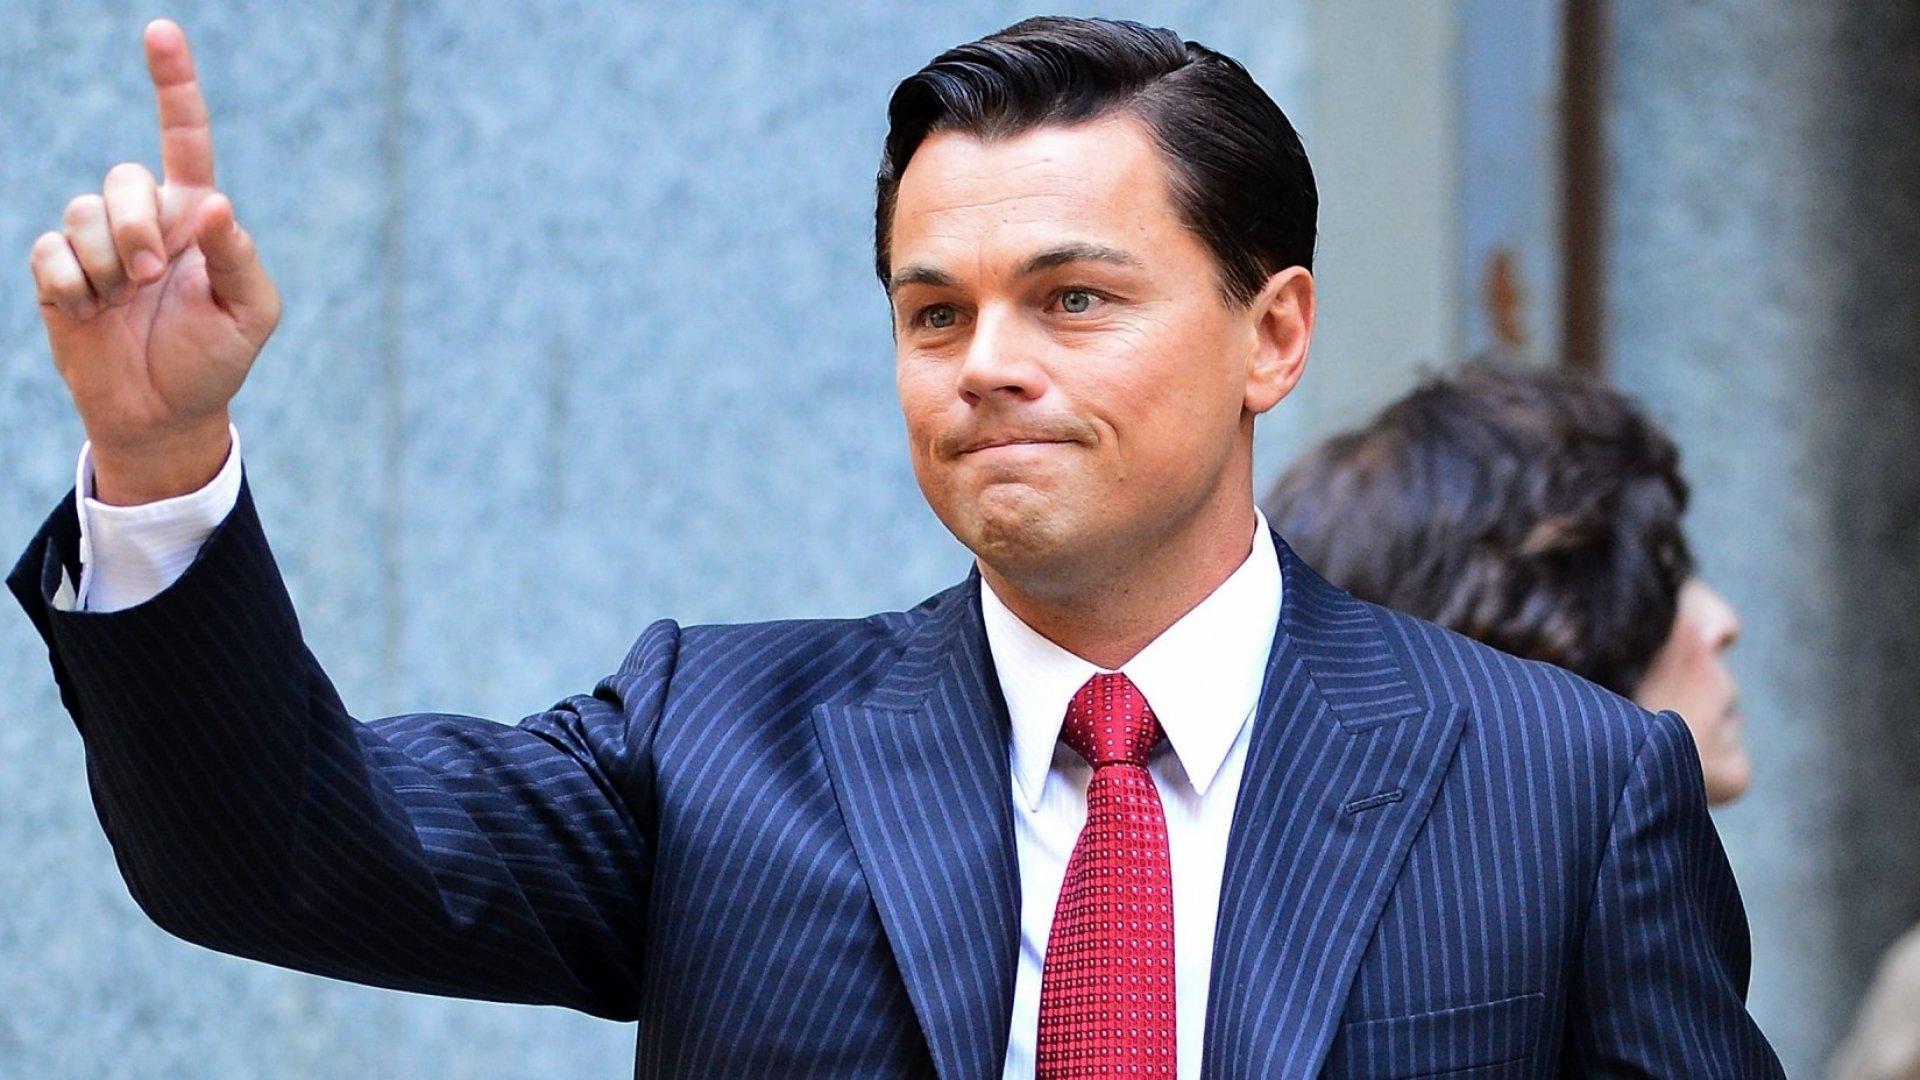 Leonardo DiCaprio in the movie <em>The Wolf of Wall Street</em>.